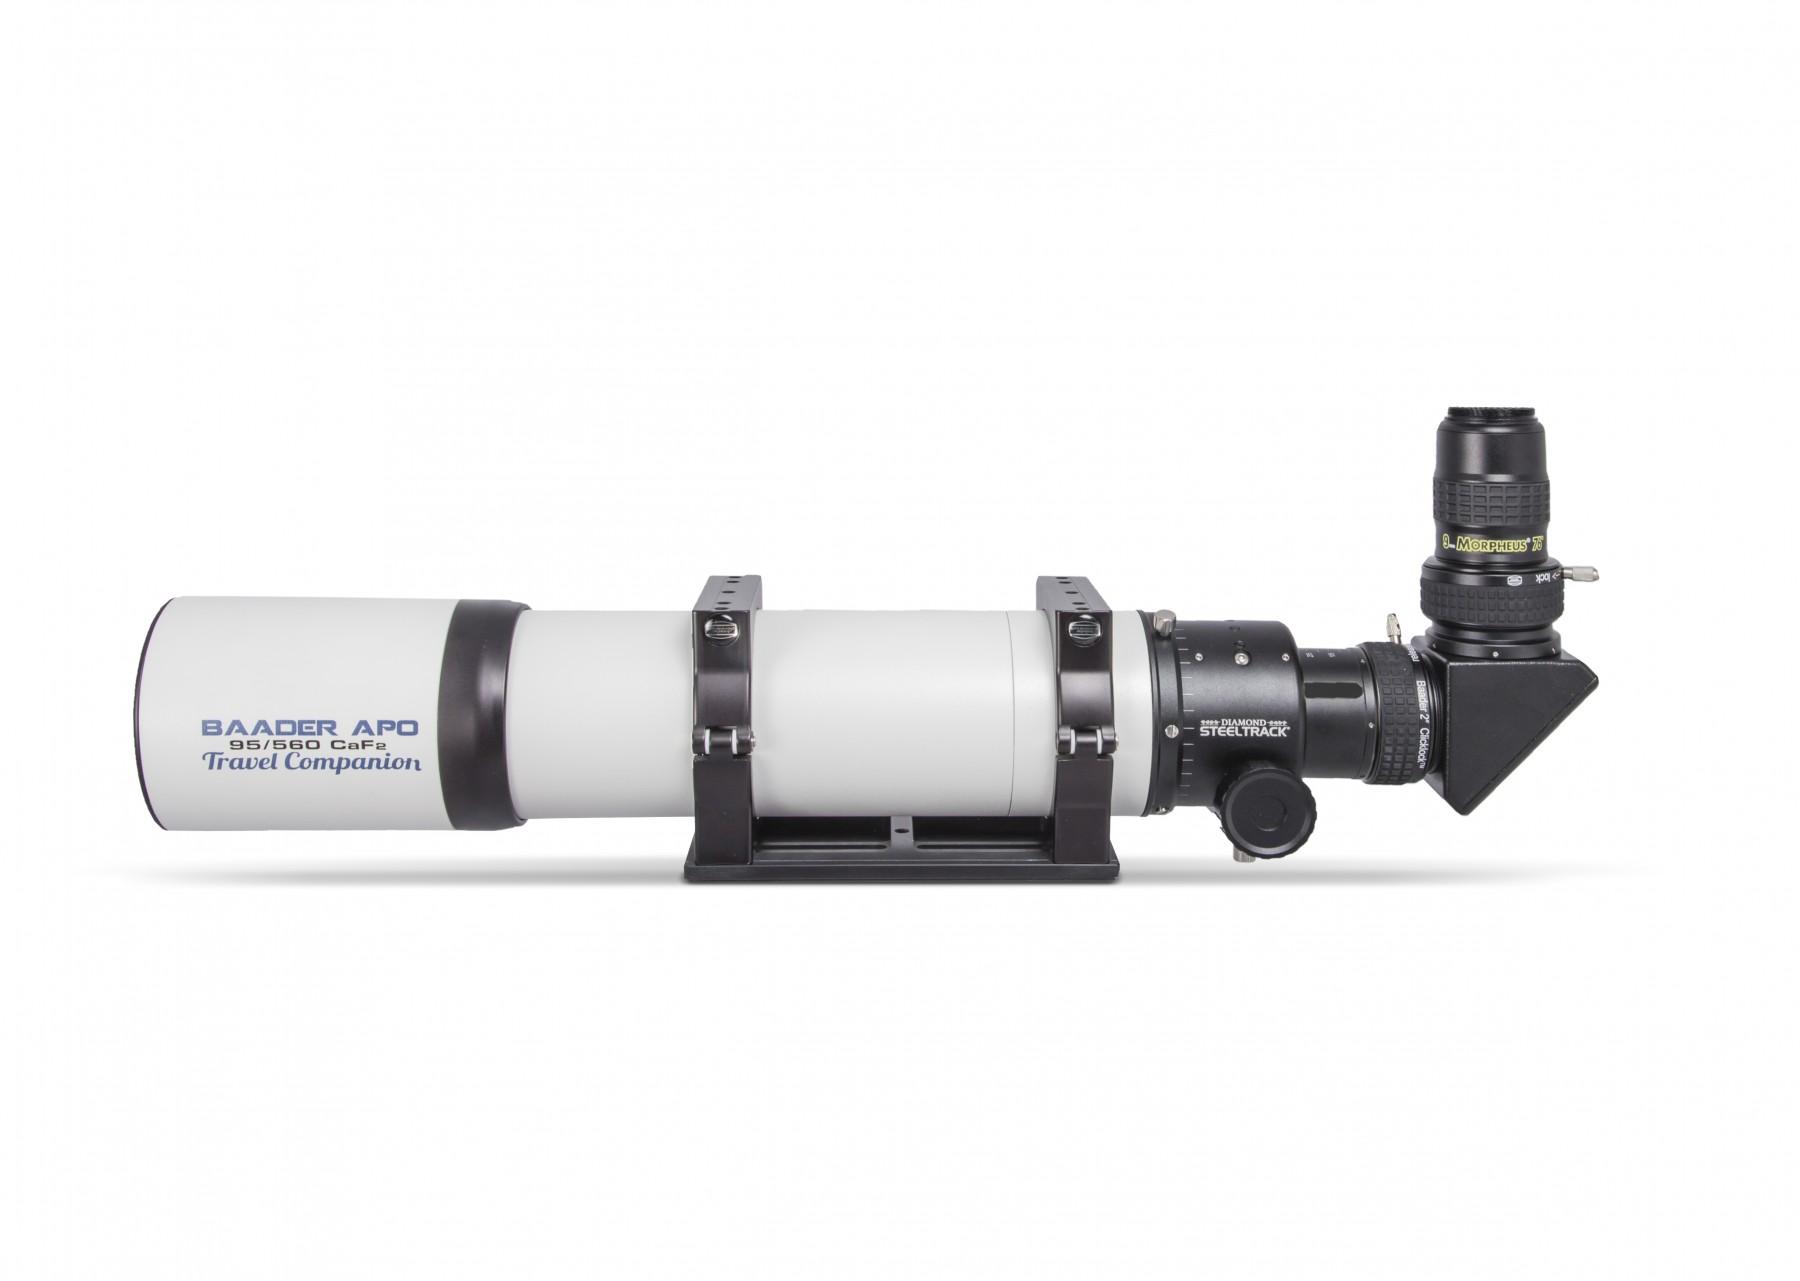 Anwendungsbild: Baader APO mit ClickLock Zenitspiegel und 9mm Morpheus Weitwinkel Okular